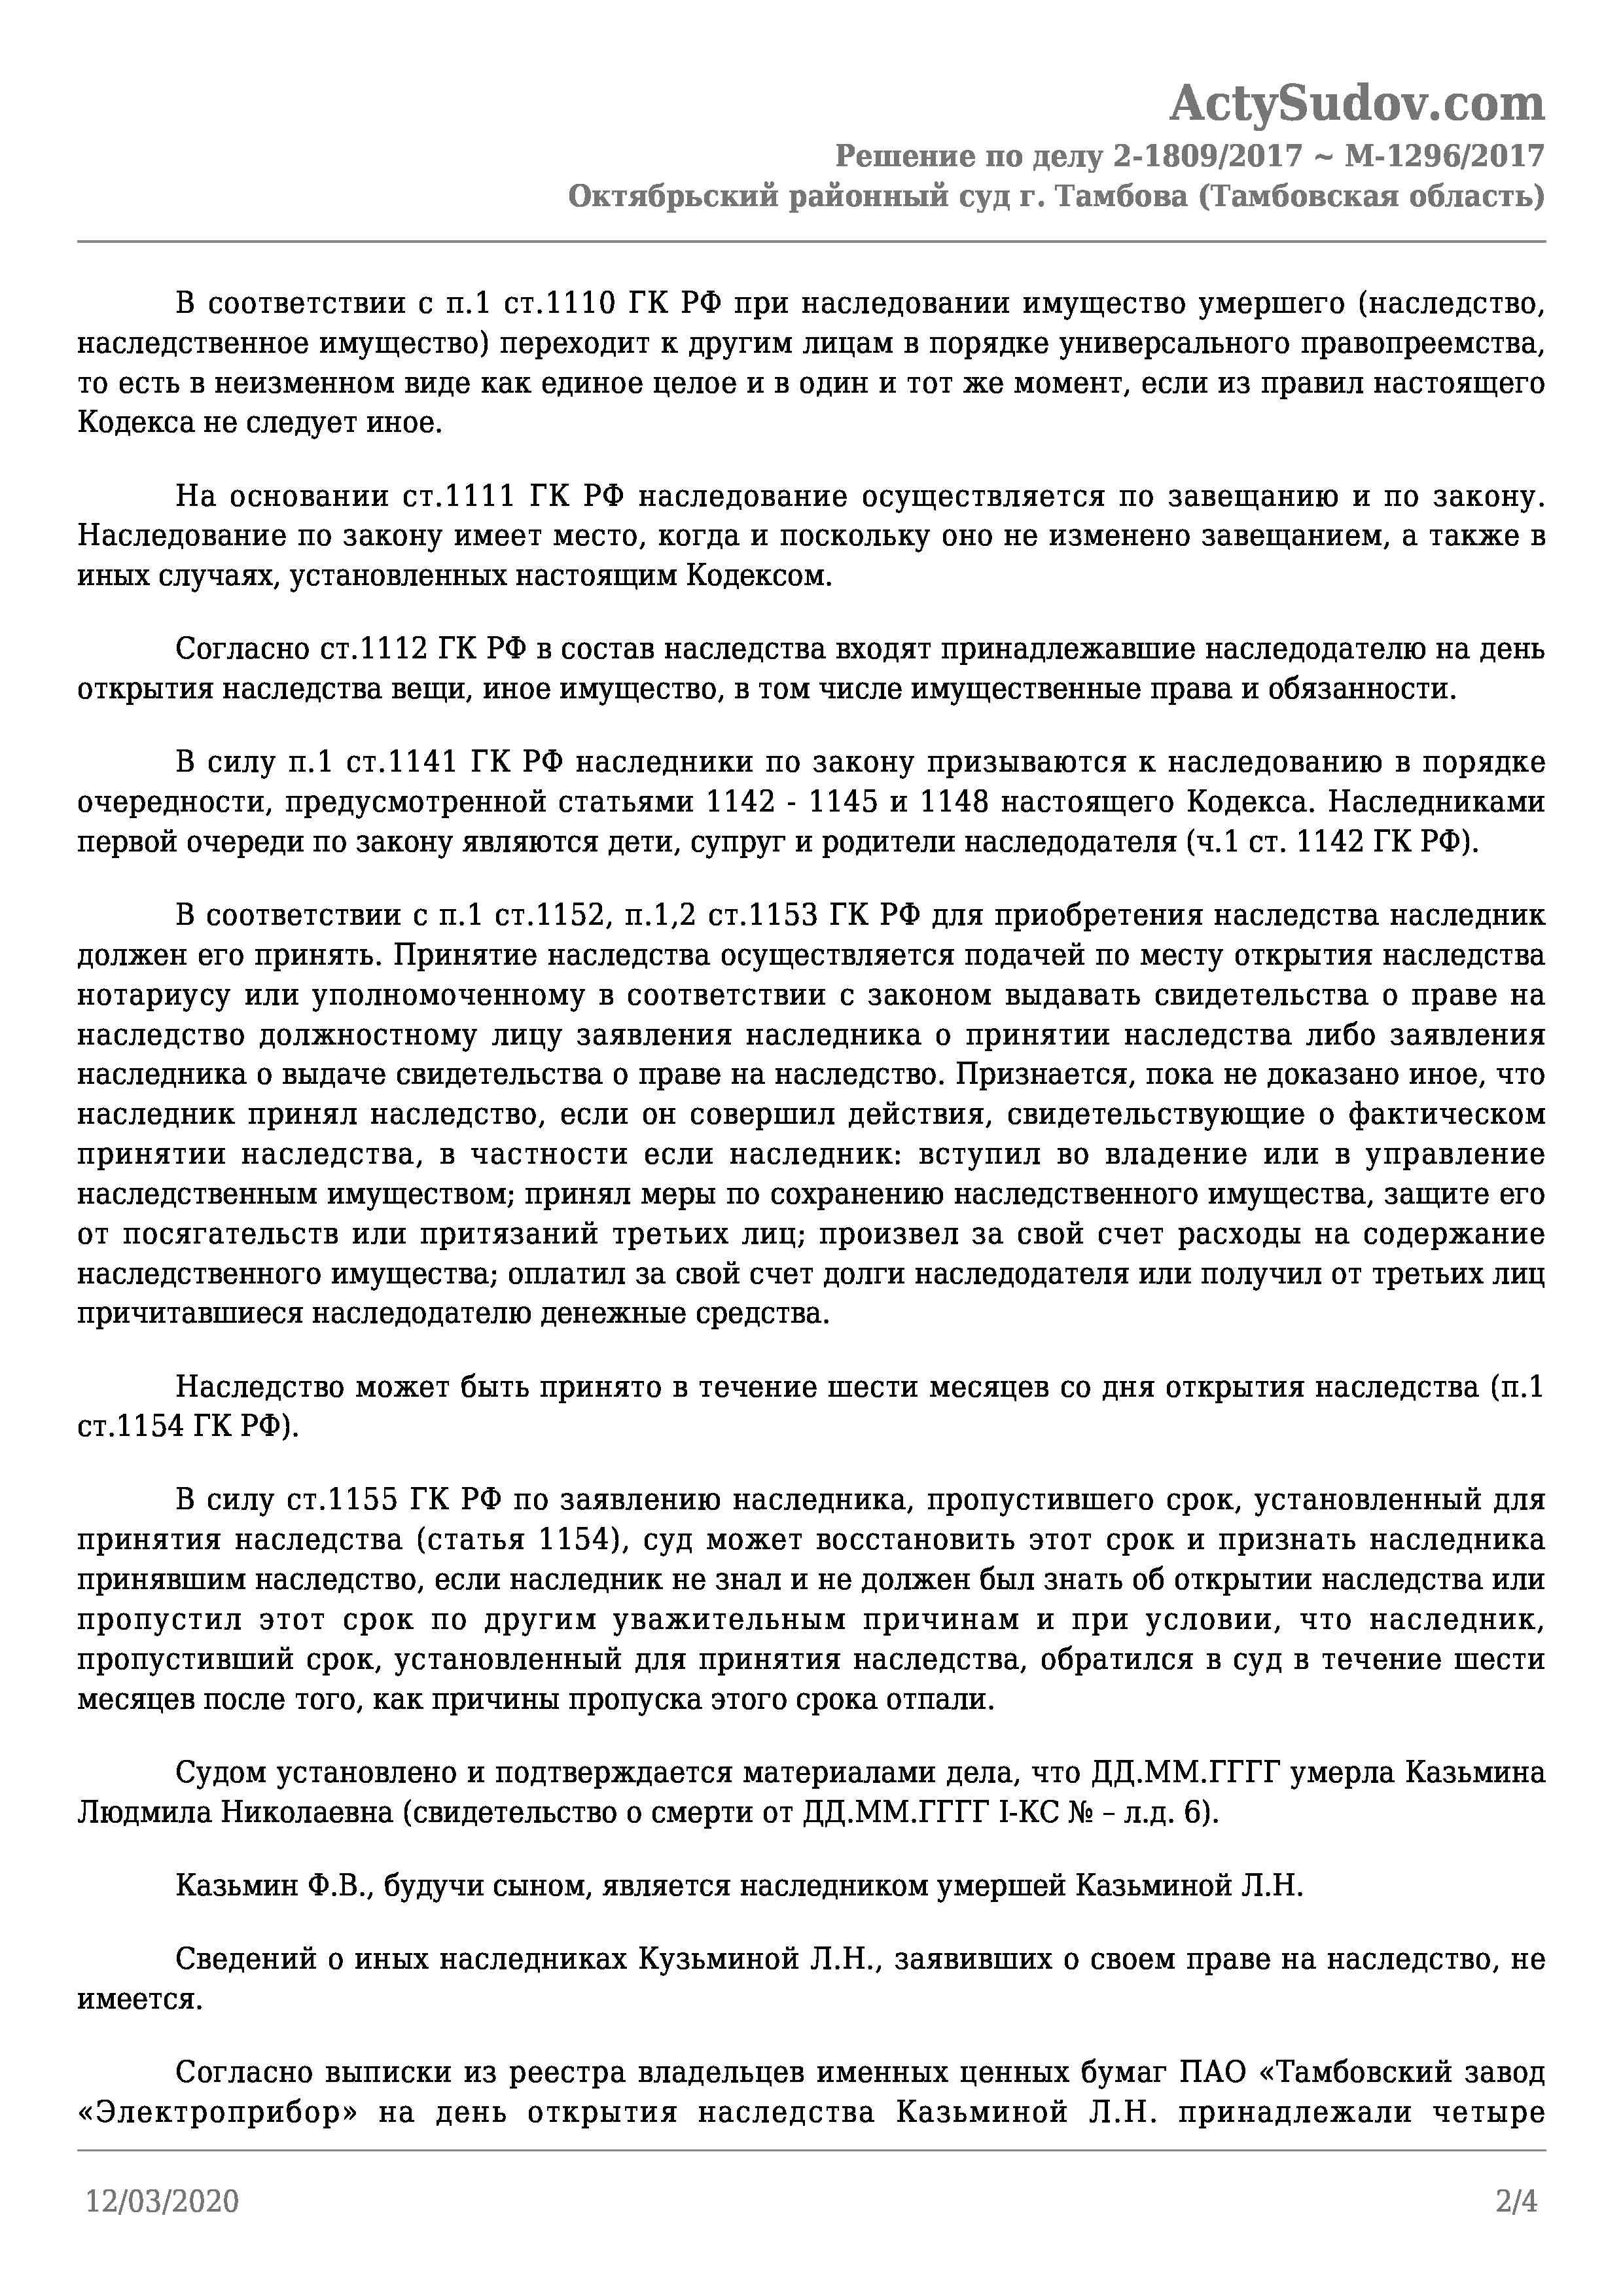 Статья 1152 гк рф с комментариями - принятие наследства | гражданский кодекс рф 2019 - 2020